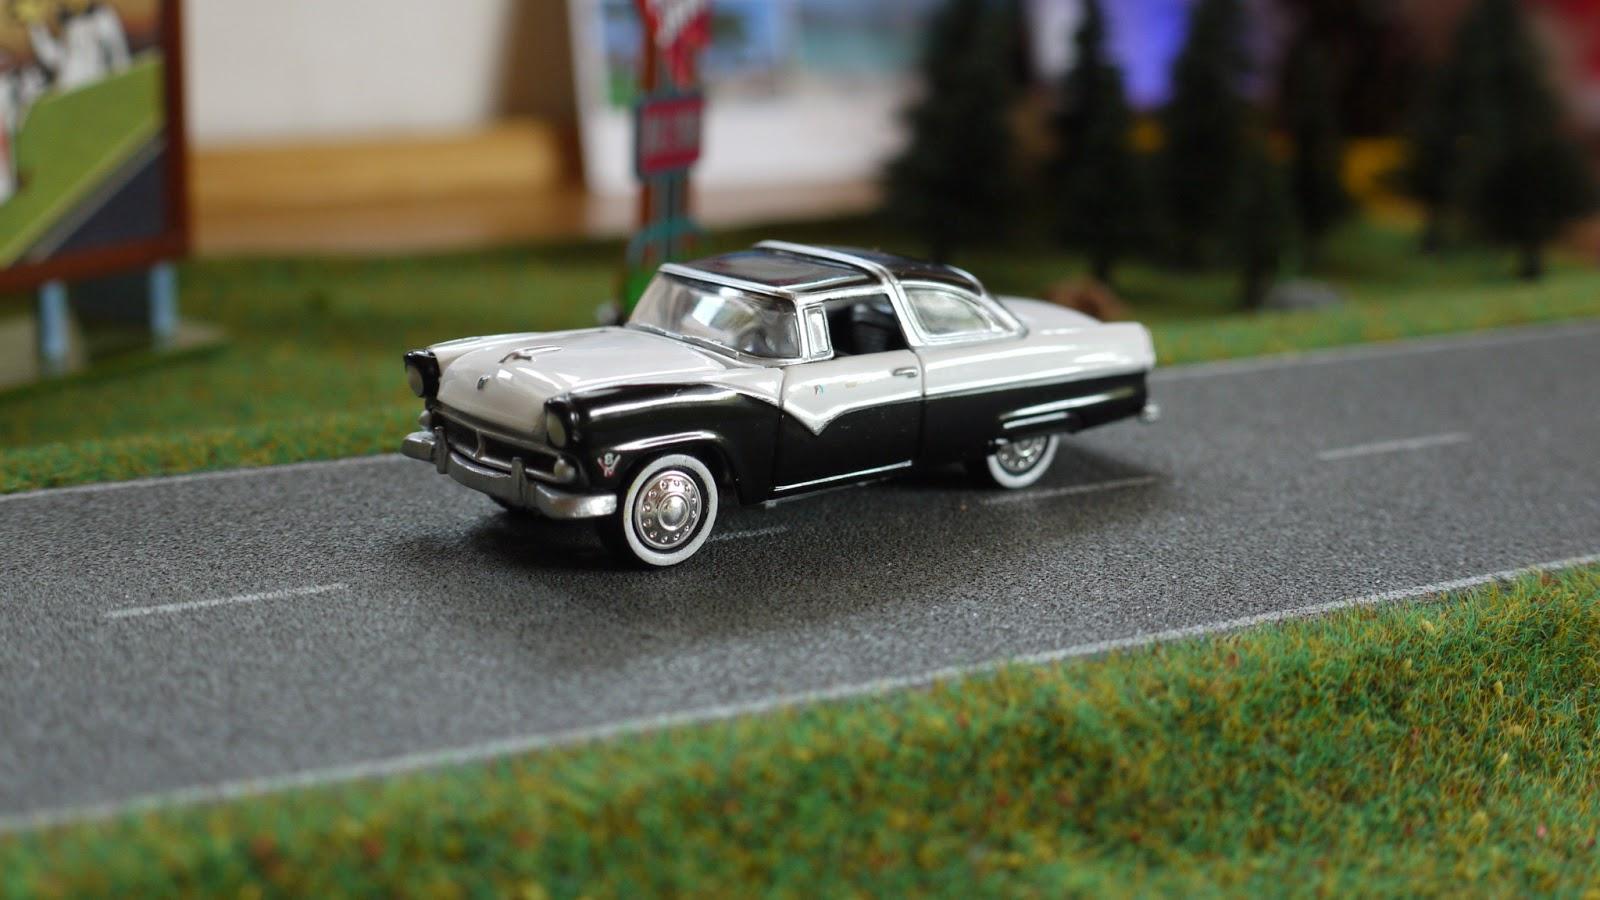 Diecast Cars 1 64 Modellautos 164 Modellbilar 1955 Ford F100 Vector Crown Victoria Johnny Lightning